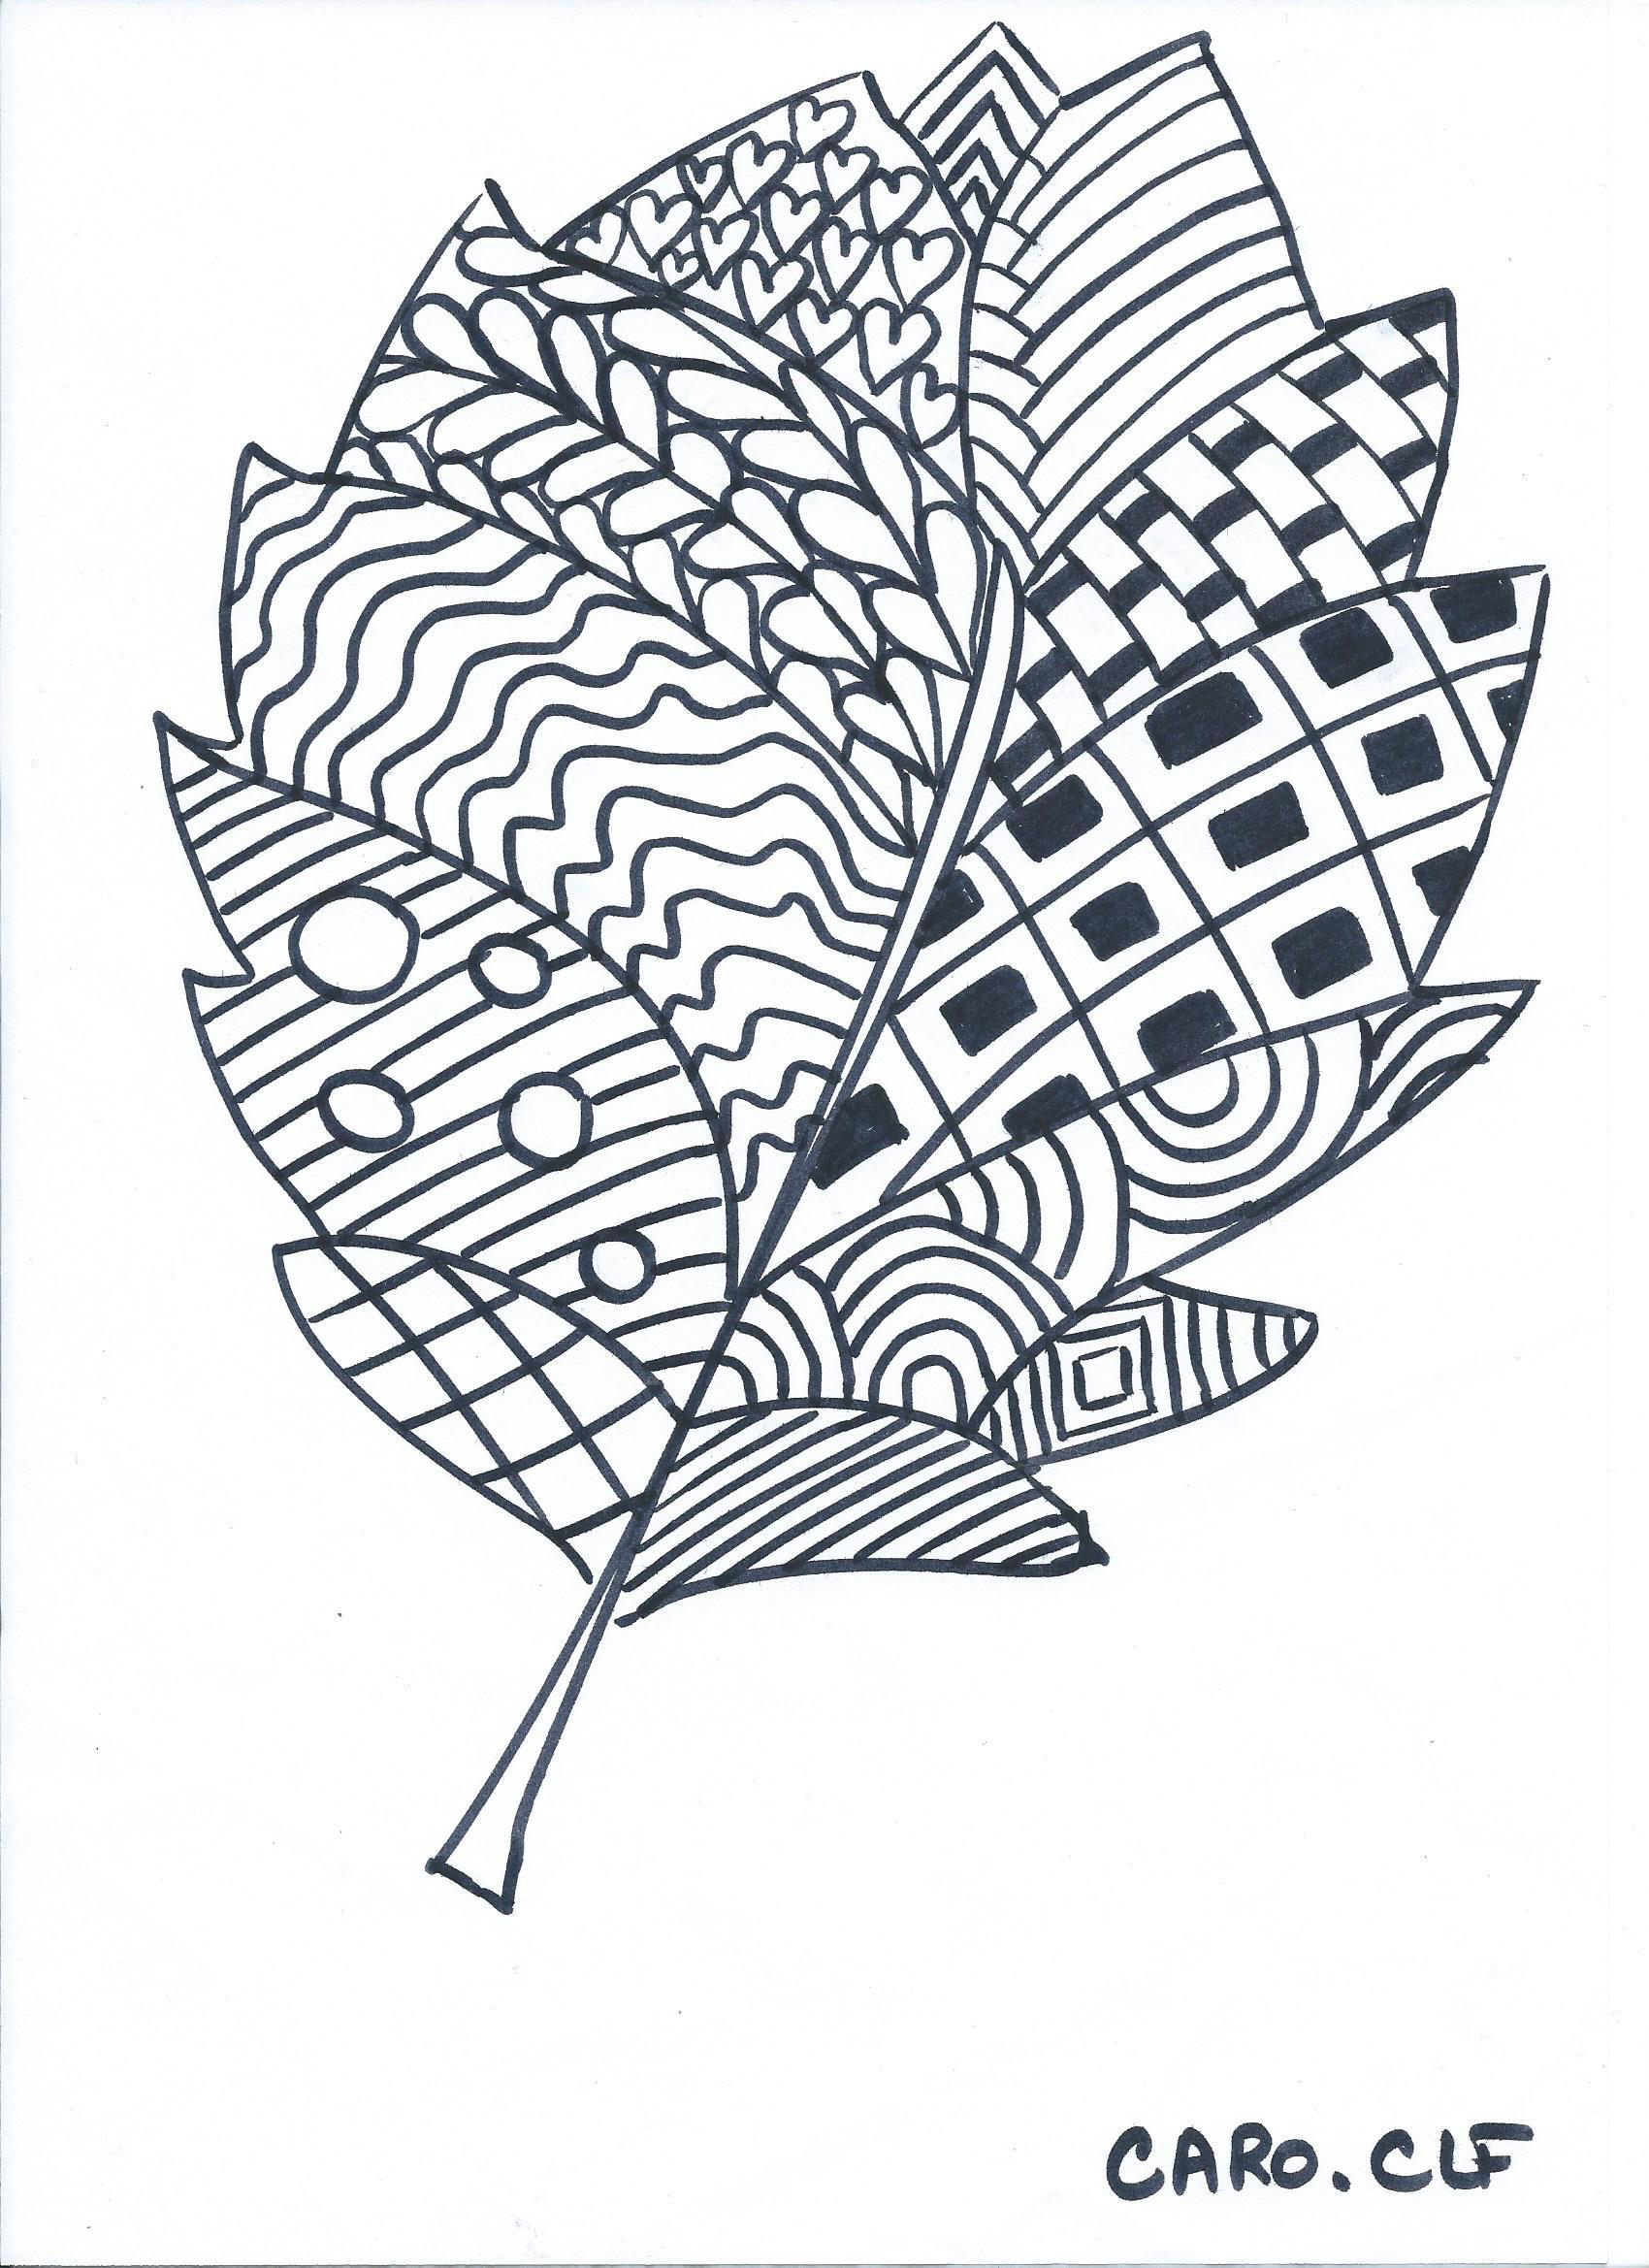 Coloriage | Coloriage, Coloriage automne, Coloriage mandala